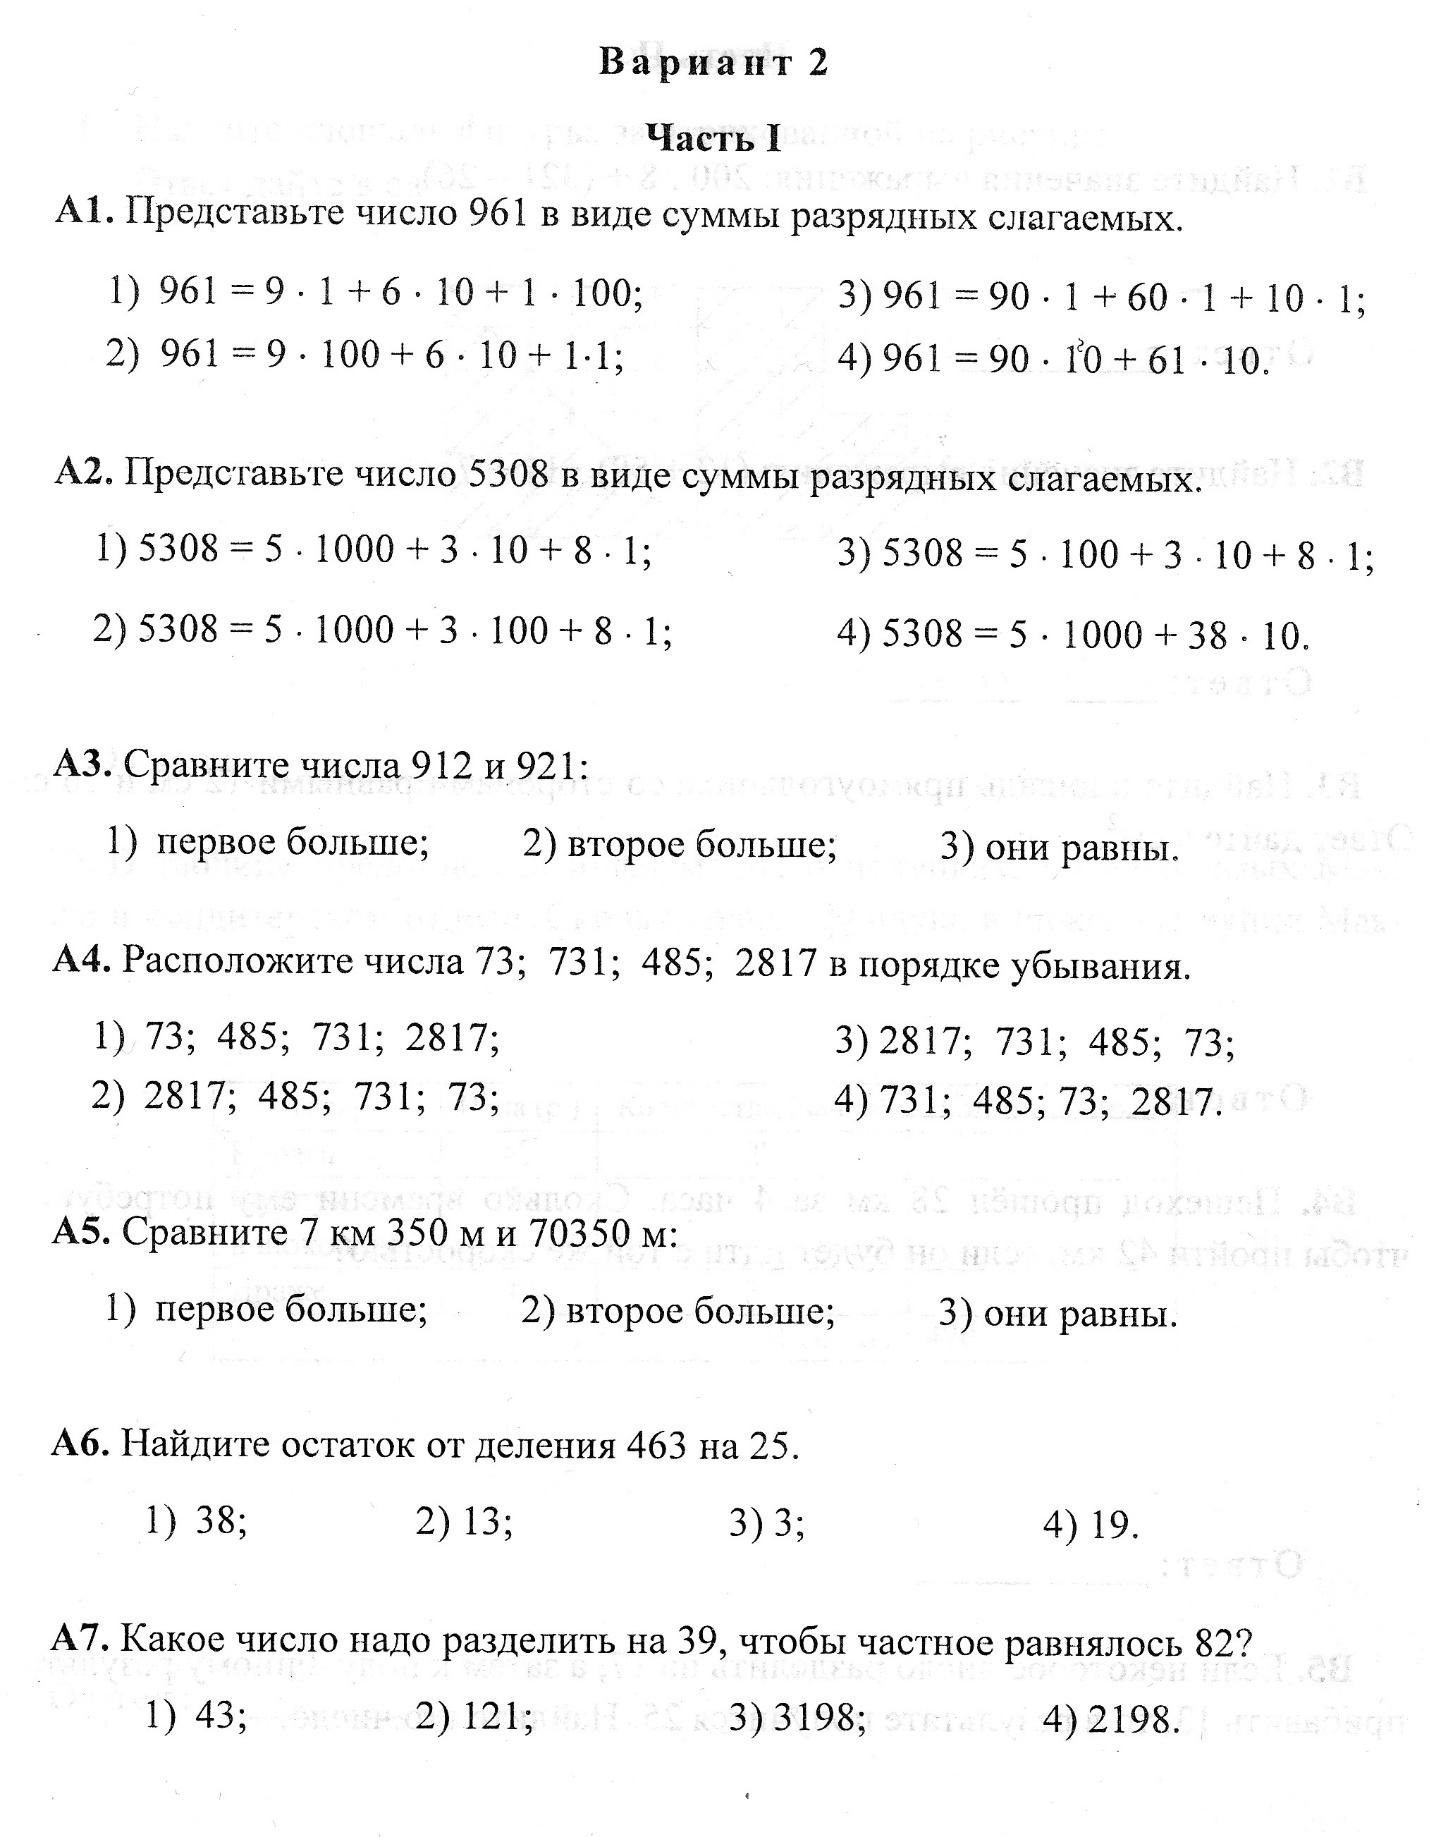 6 класс по гдз просмотр номера 1307 номера, издательства мнемозина